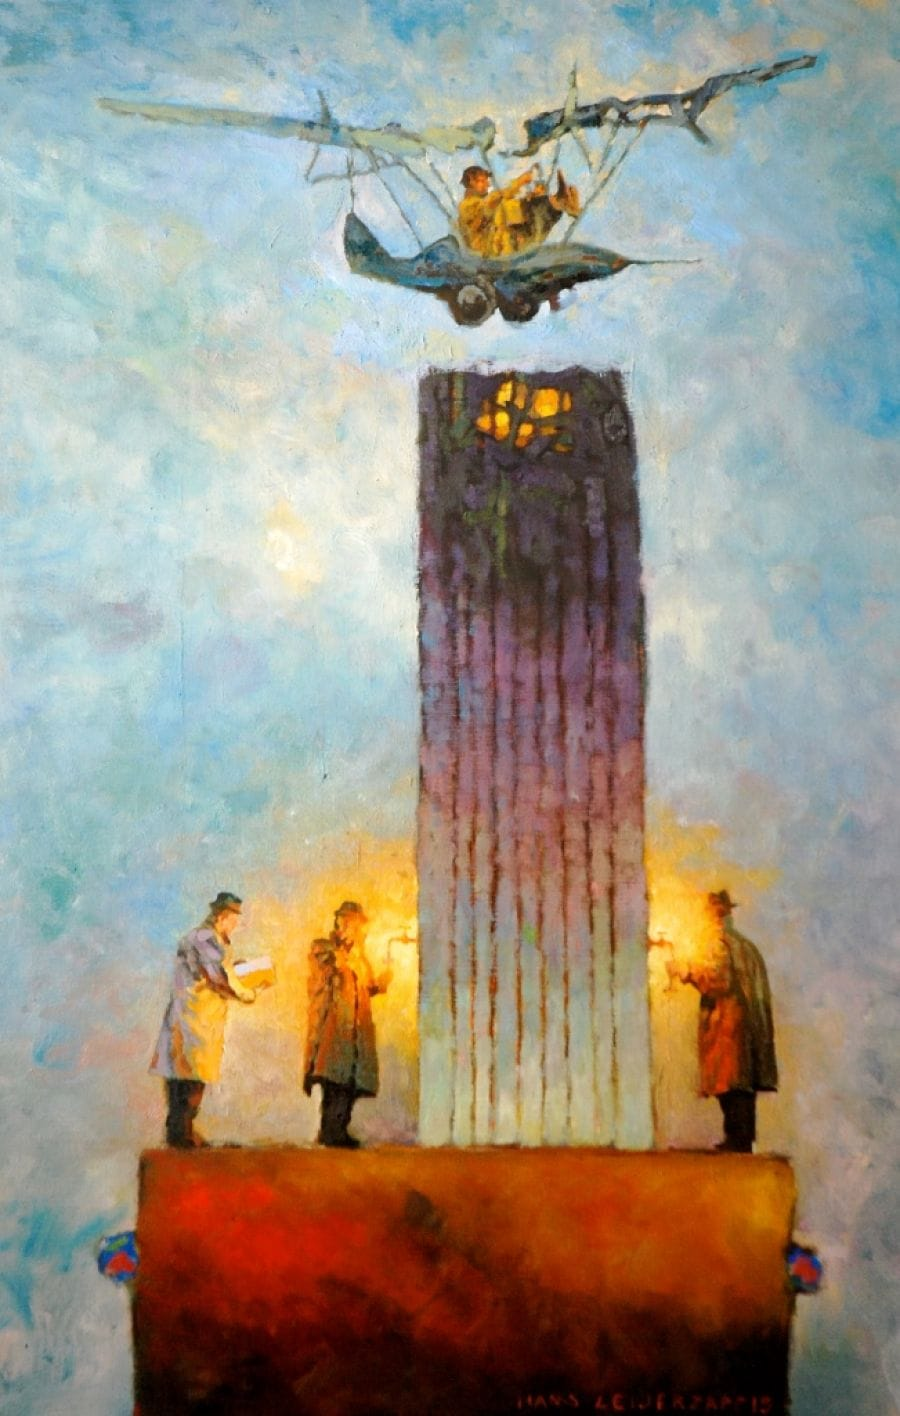 Kunst: de precisielanding van kunstenaar Hans Leijerzapf